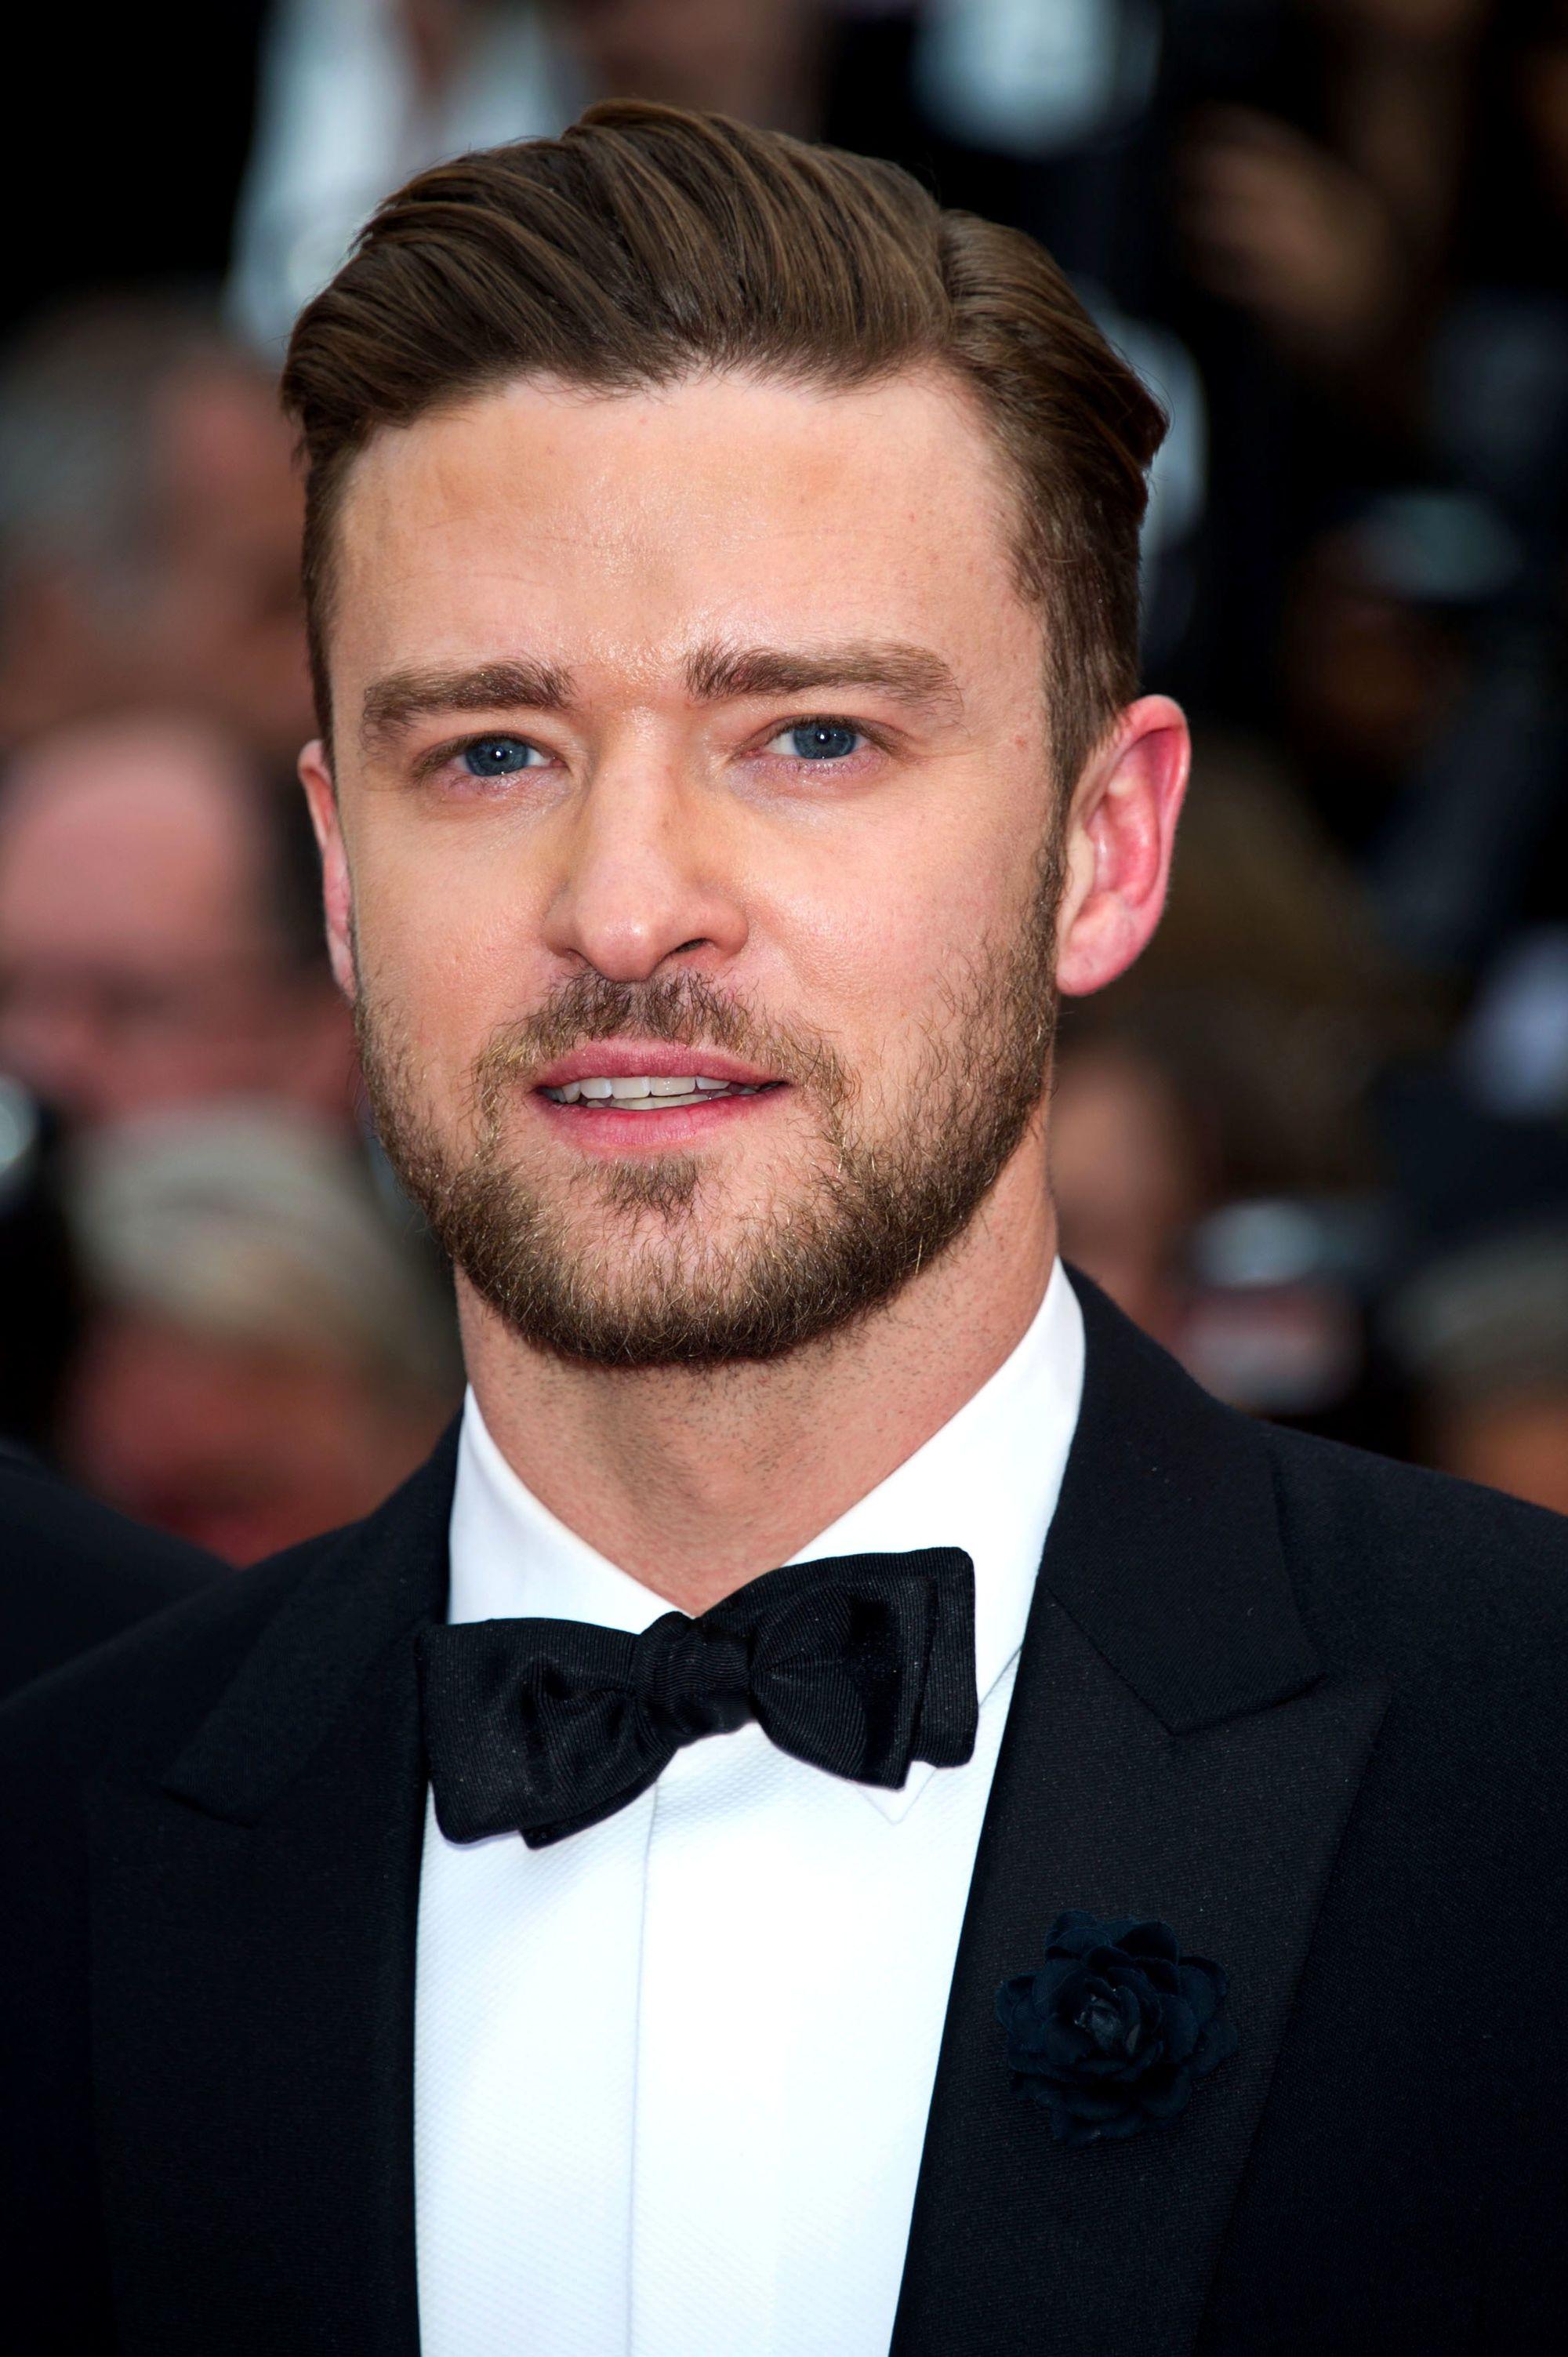 Coupe de cheveux Ivy League: Justin Timberlake avec une longue coupe de cheveux Ivy League, vêtu d'un smoking